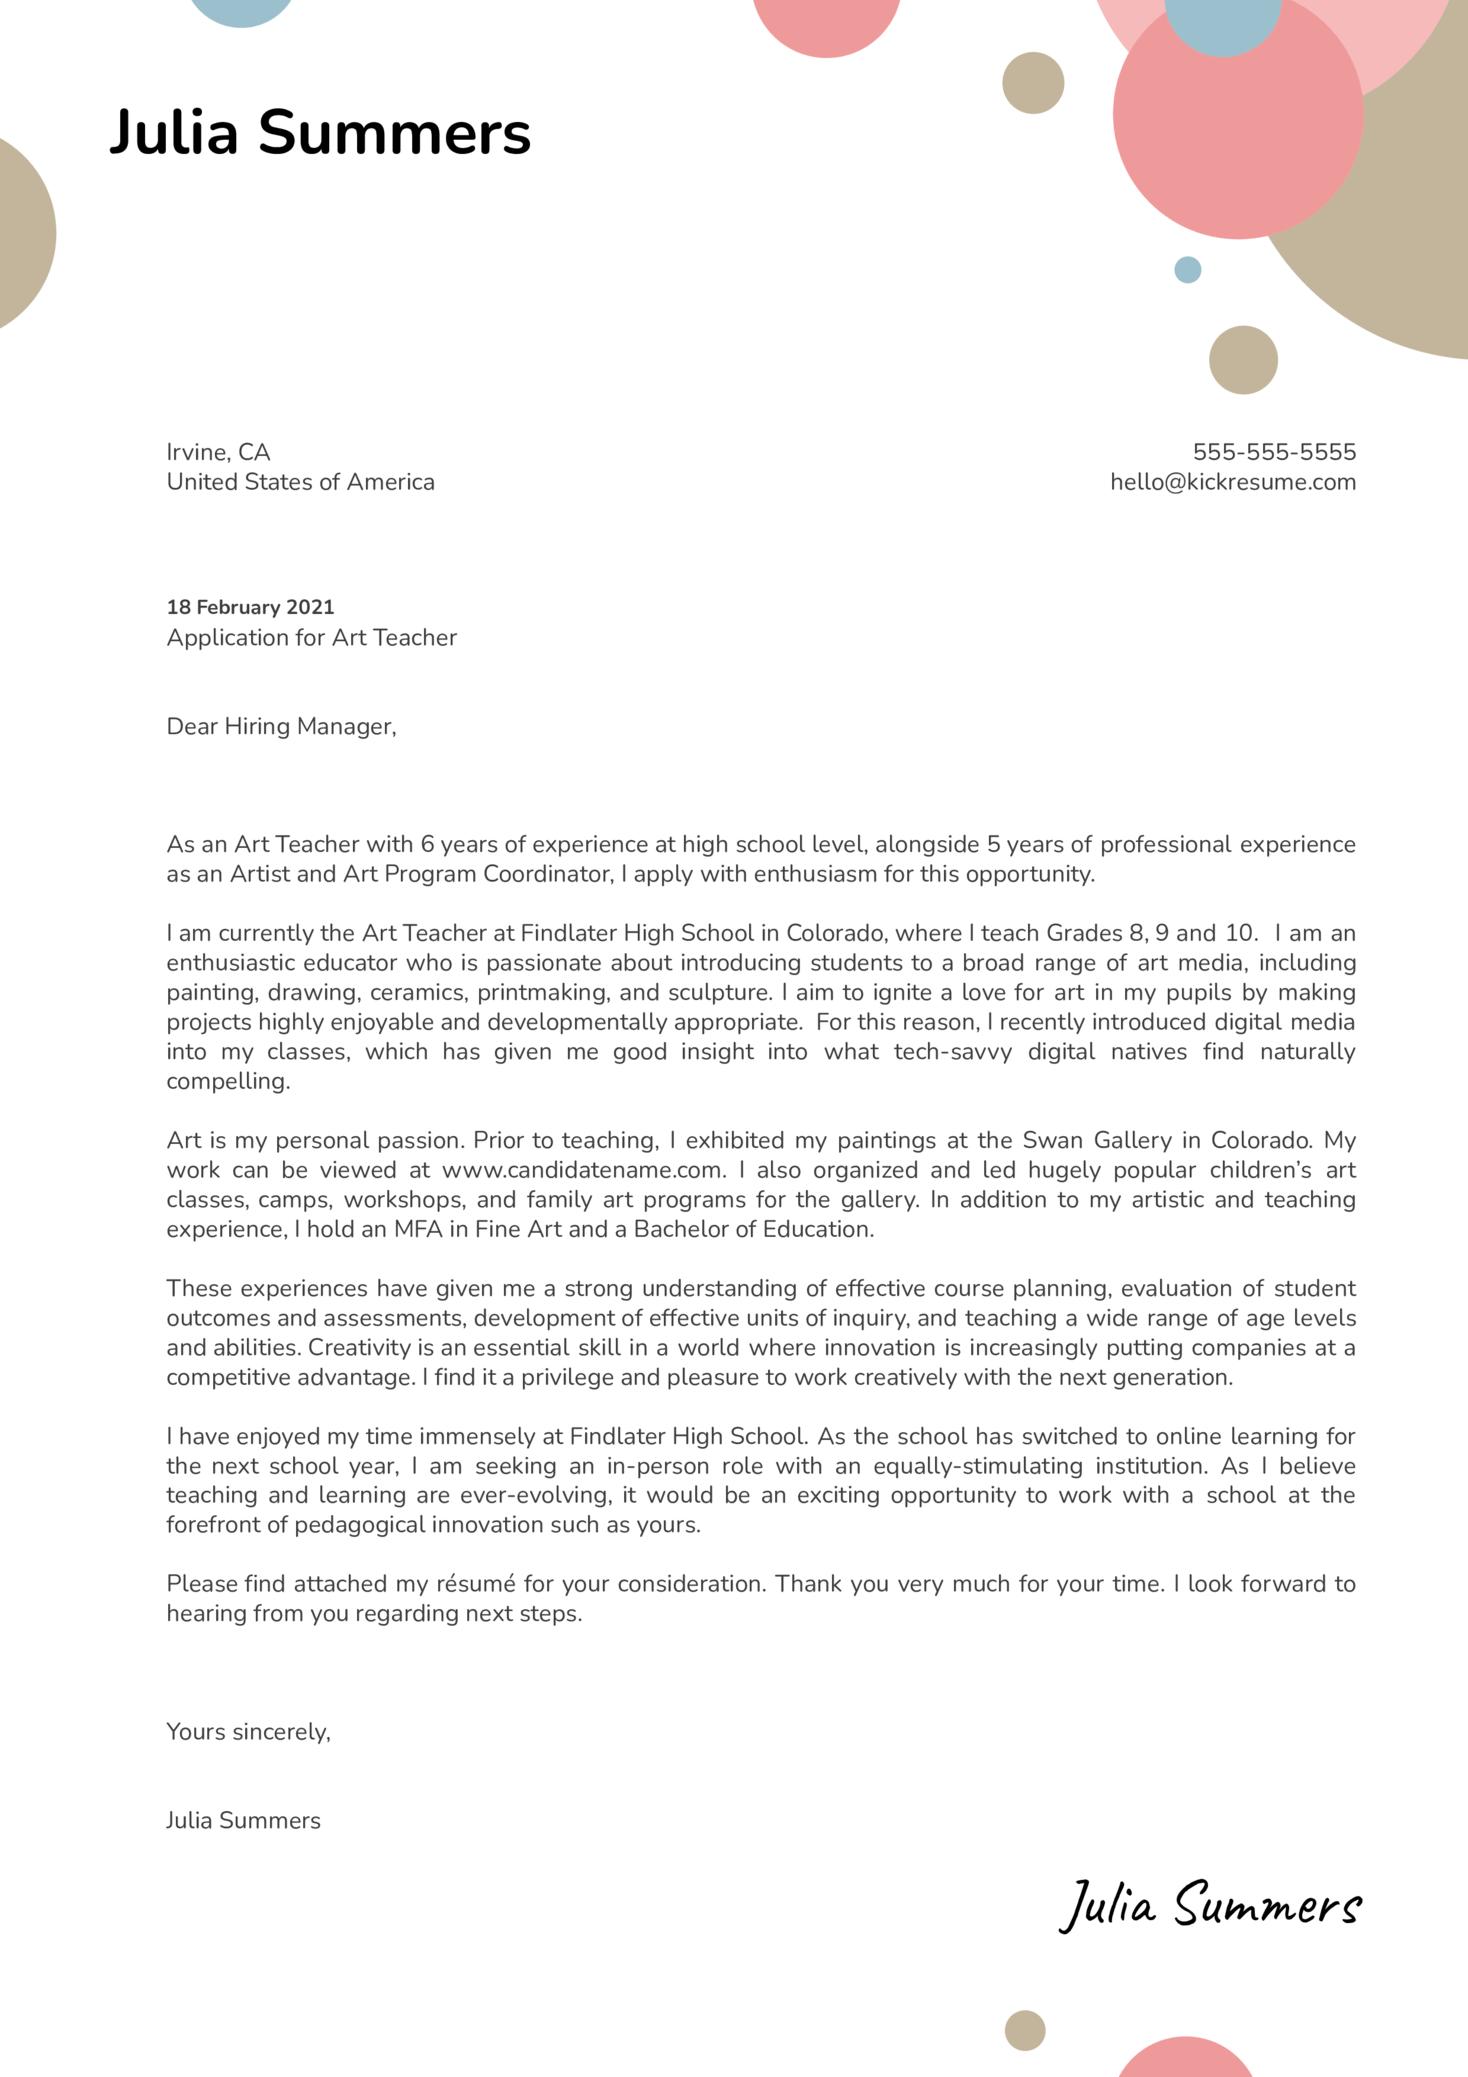 Art Teacher Cover Letter Sample